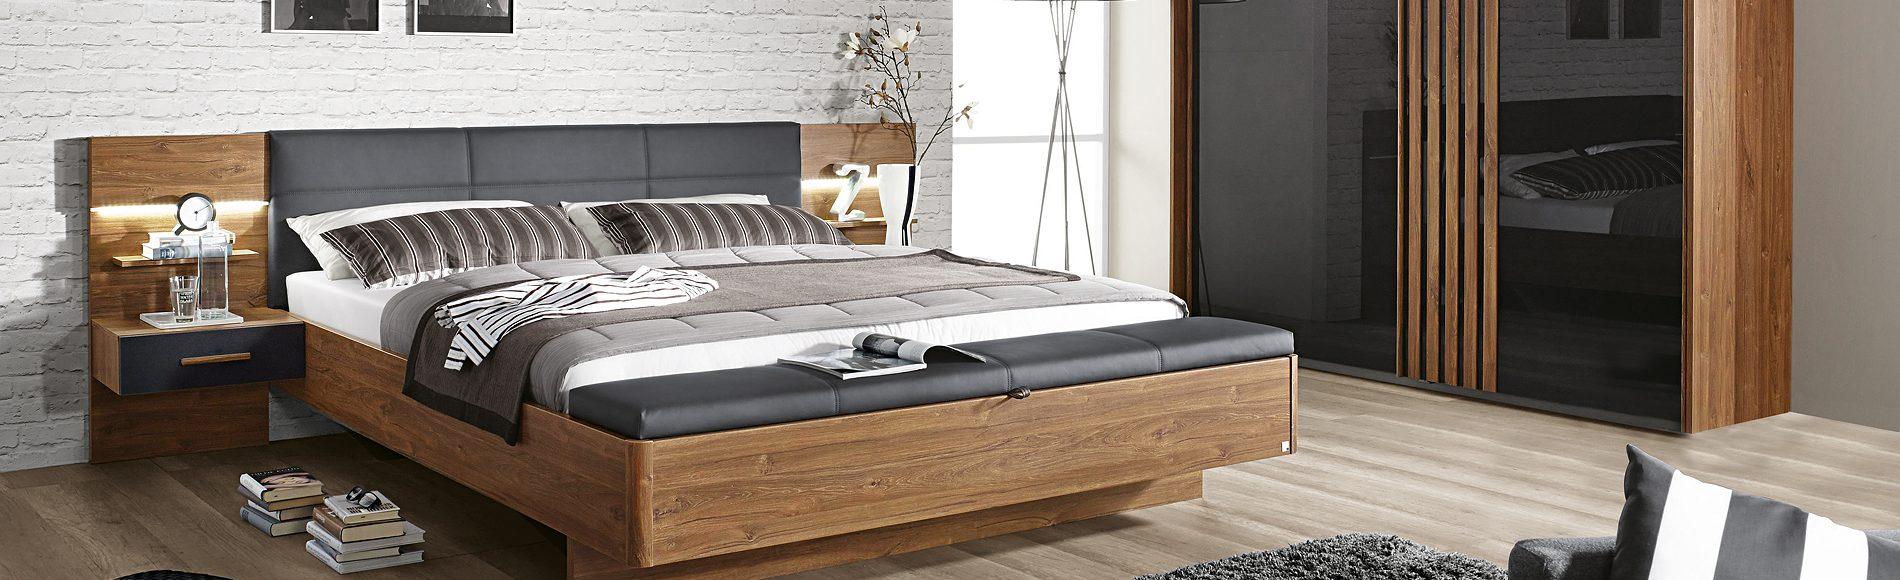 Schlafzimmer Bettanlage Nachtkommoden Kleiderschrank günstig kaufen bei Robin Hood Möbel+Küchen in Donaueschingen